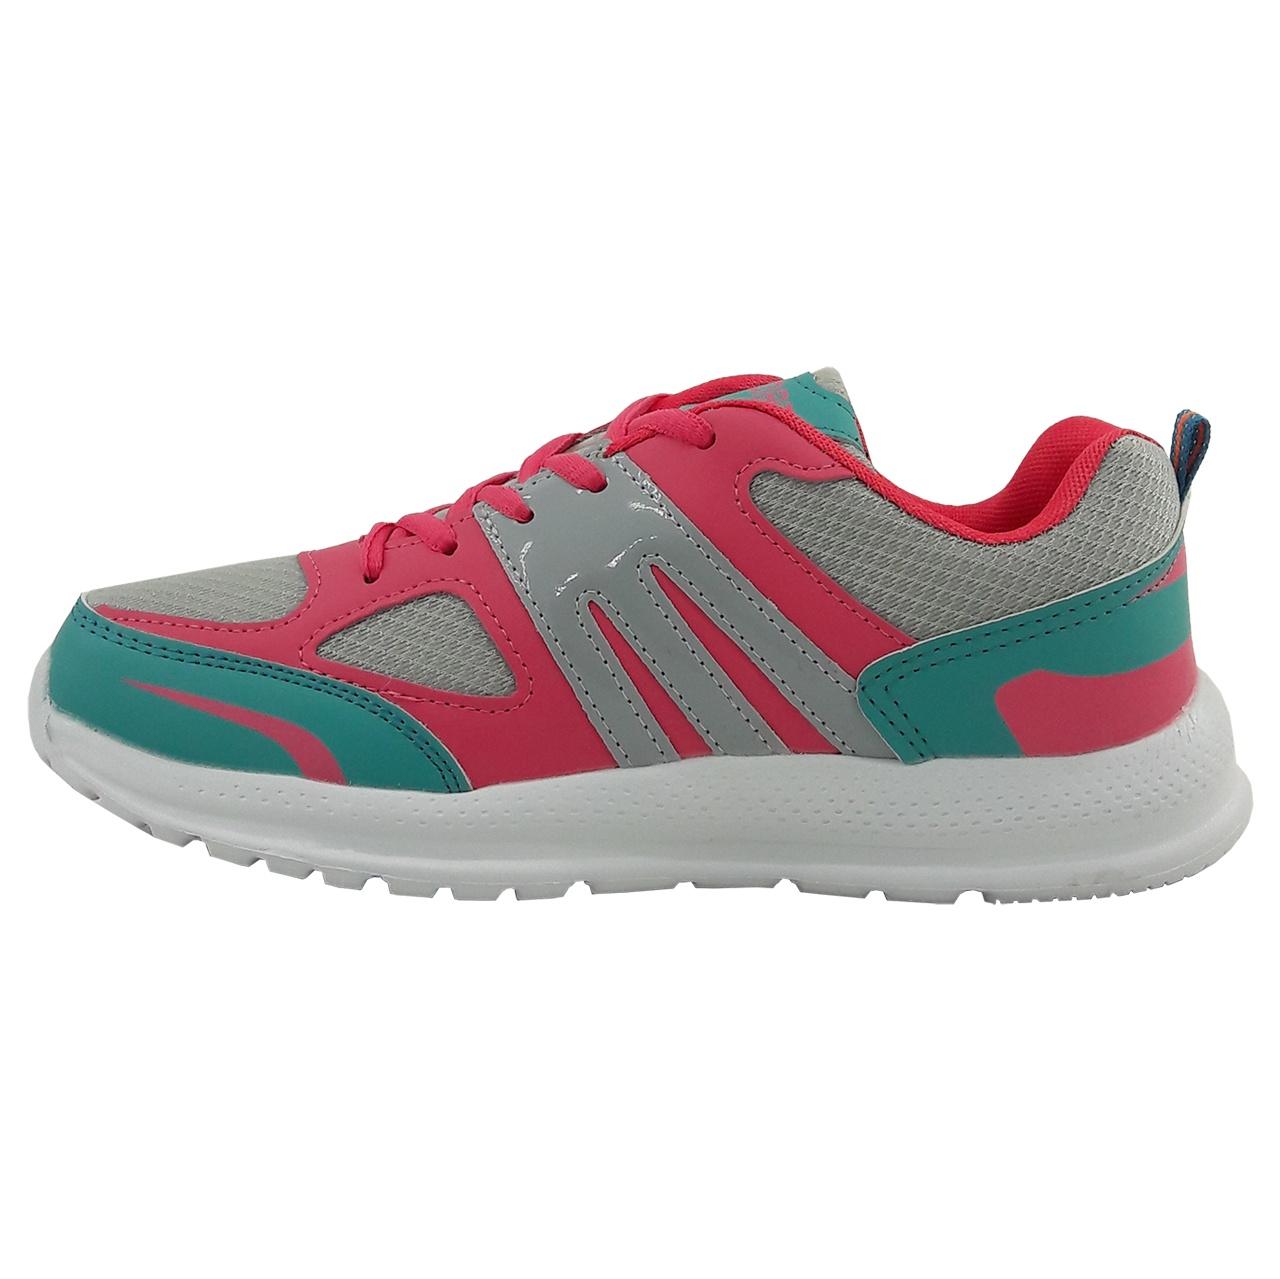 کفش مخصوص پیاده روی زنانه مدل Sport.zoom.rd-02